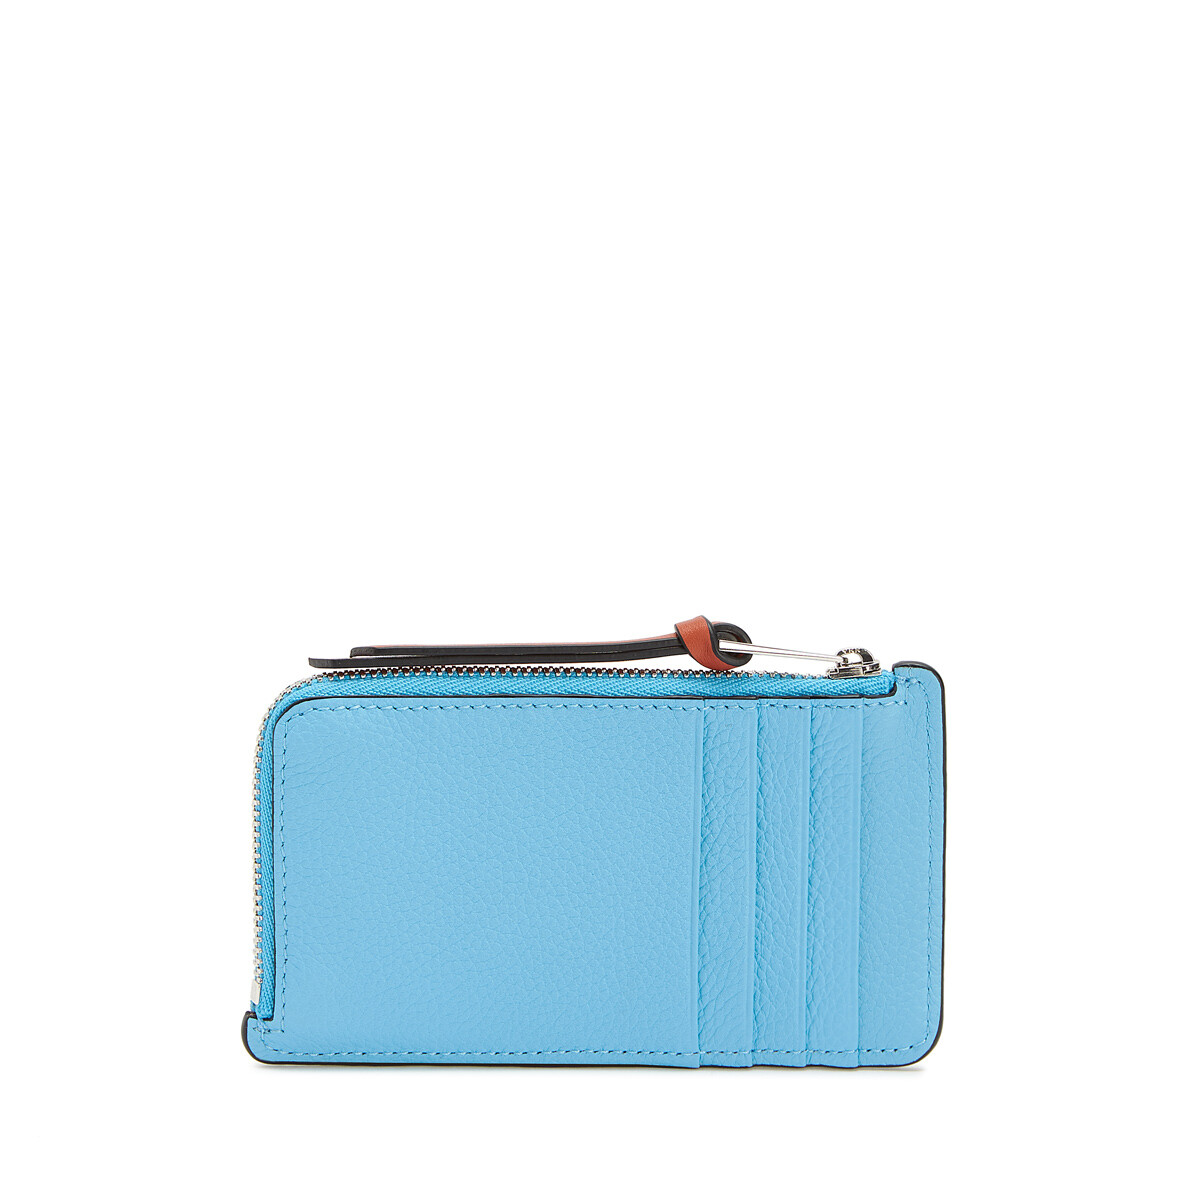 LOEWE Coin Cardholder Sky-Blue/Black front